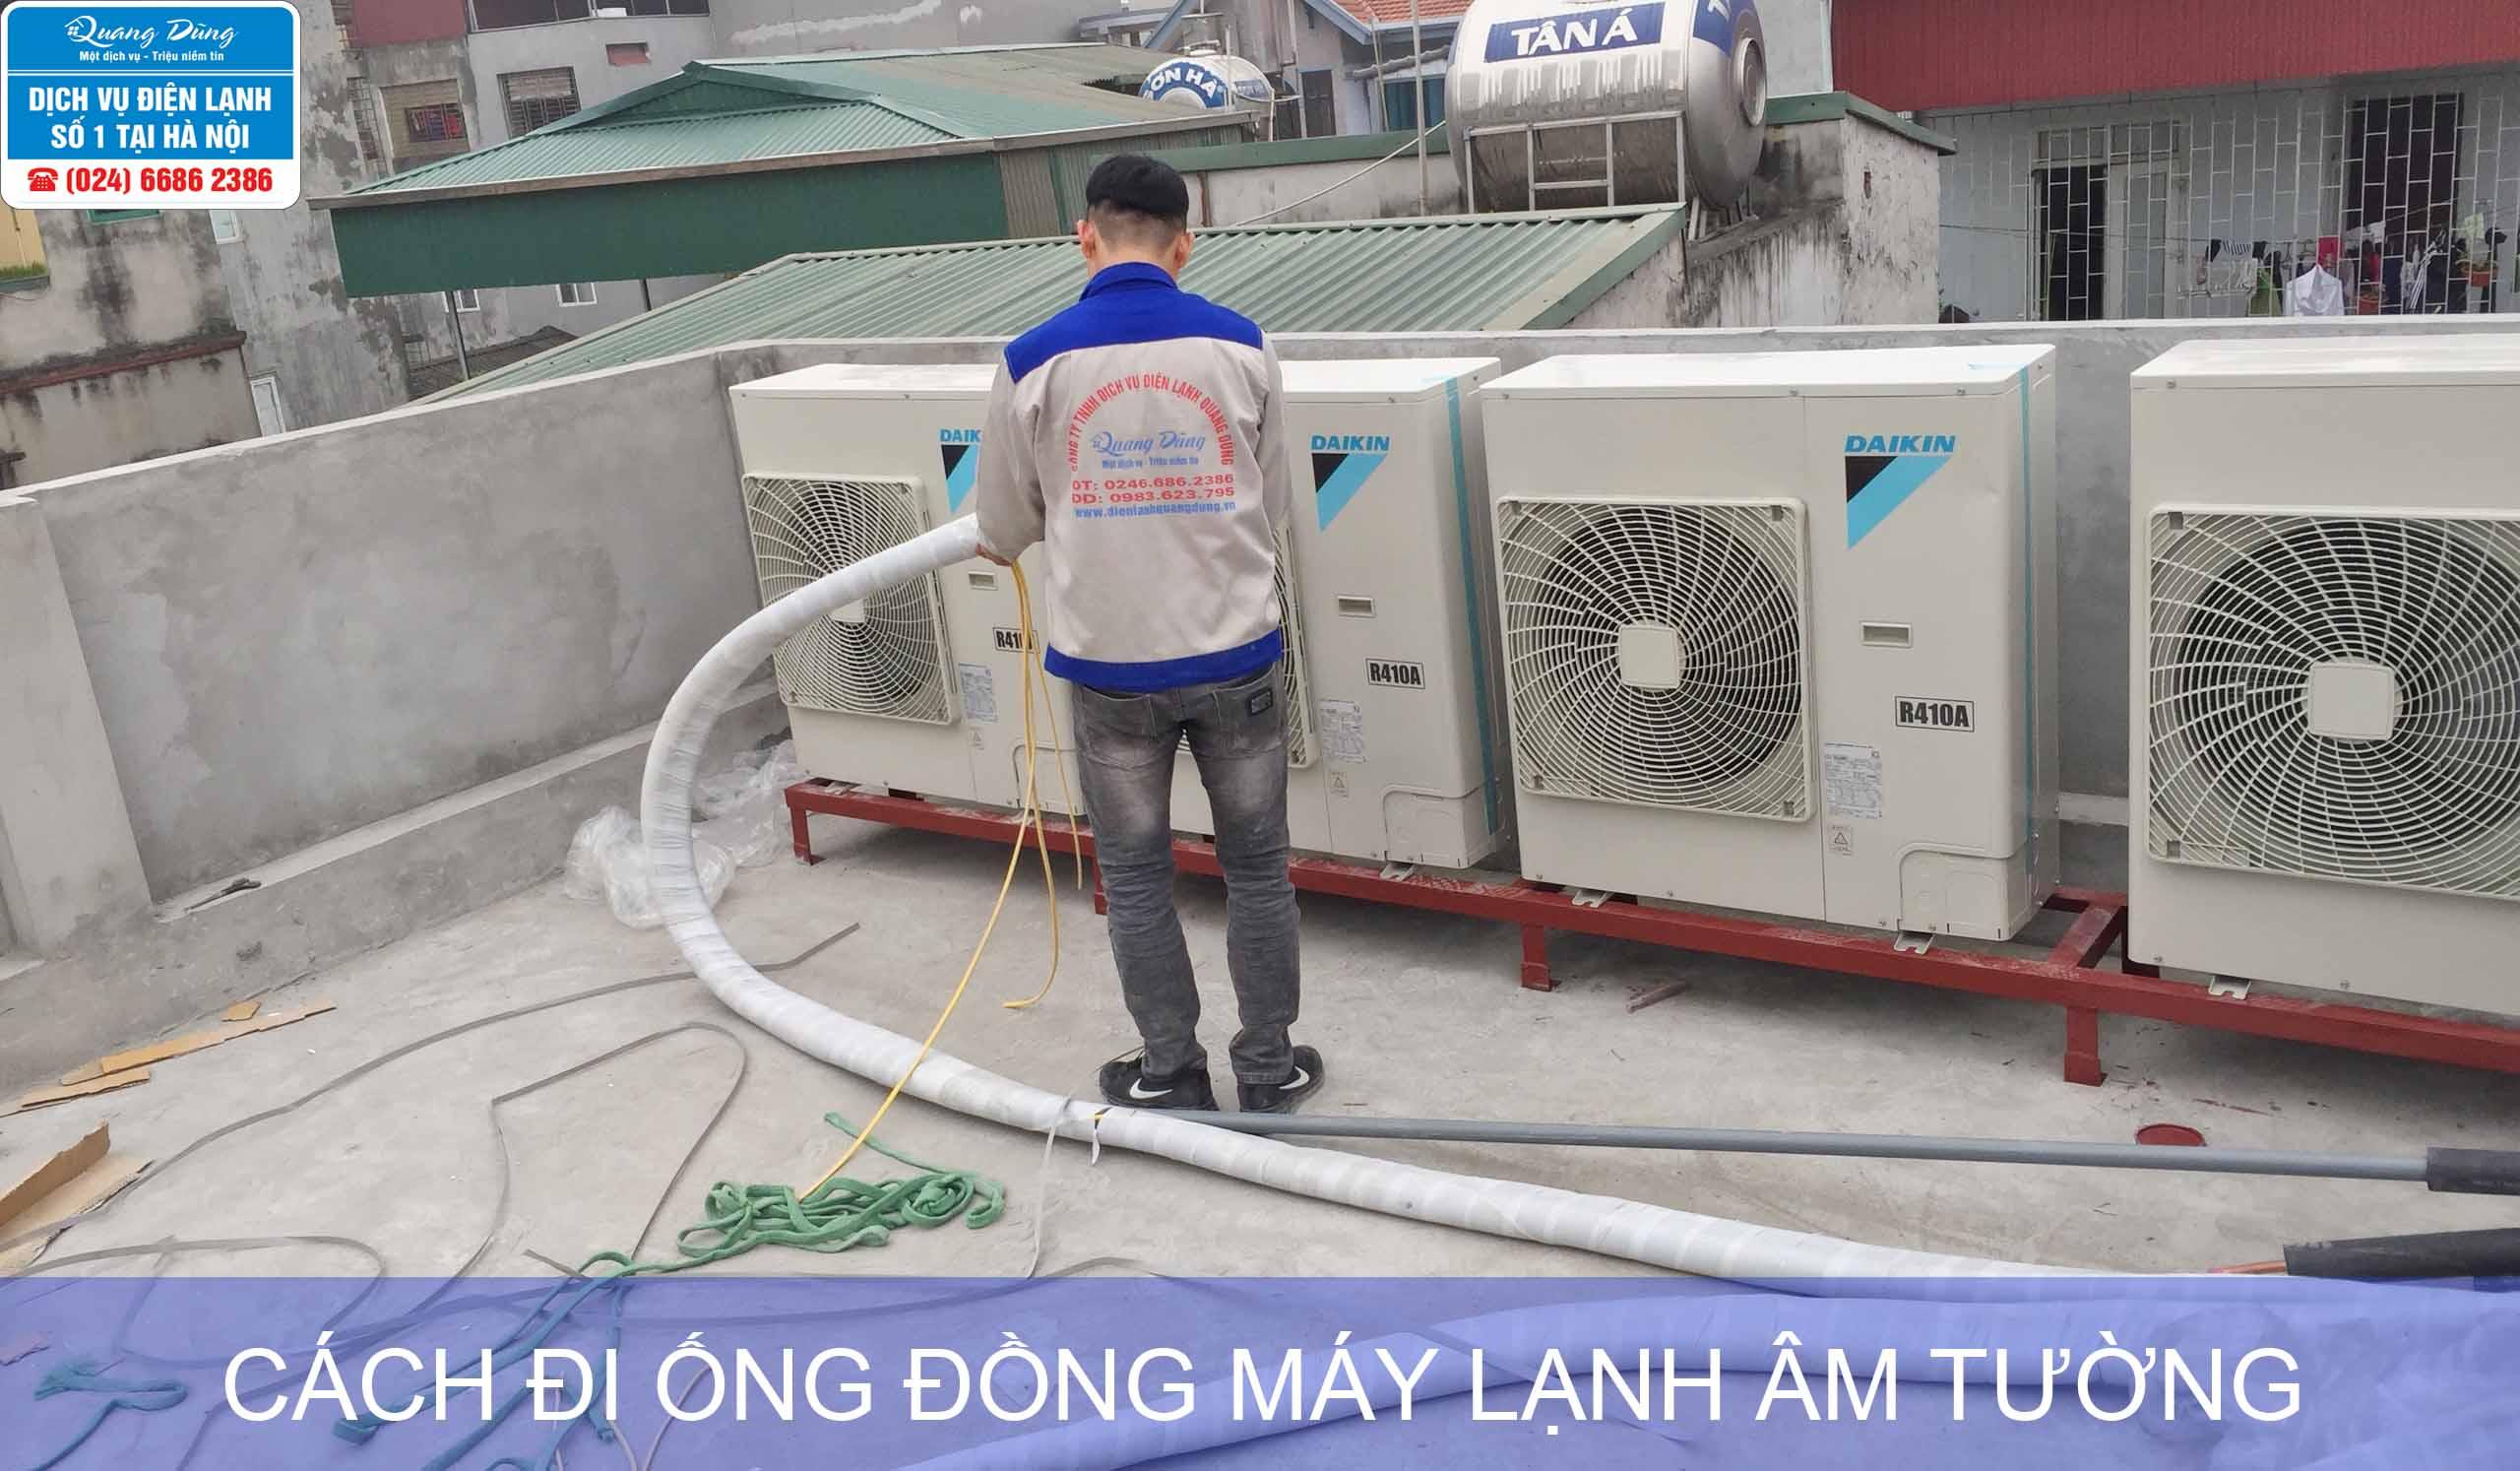 cach di ong dong may lanh am tuong